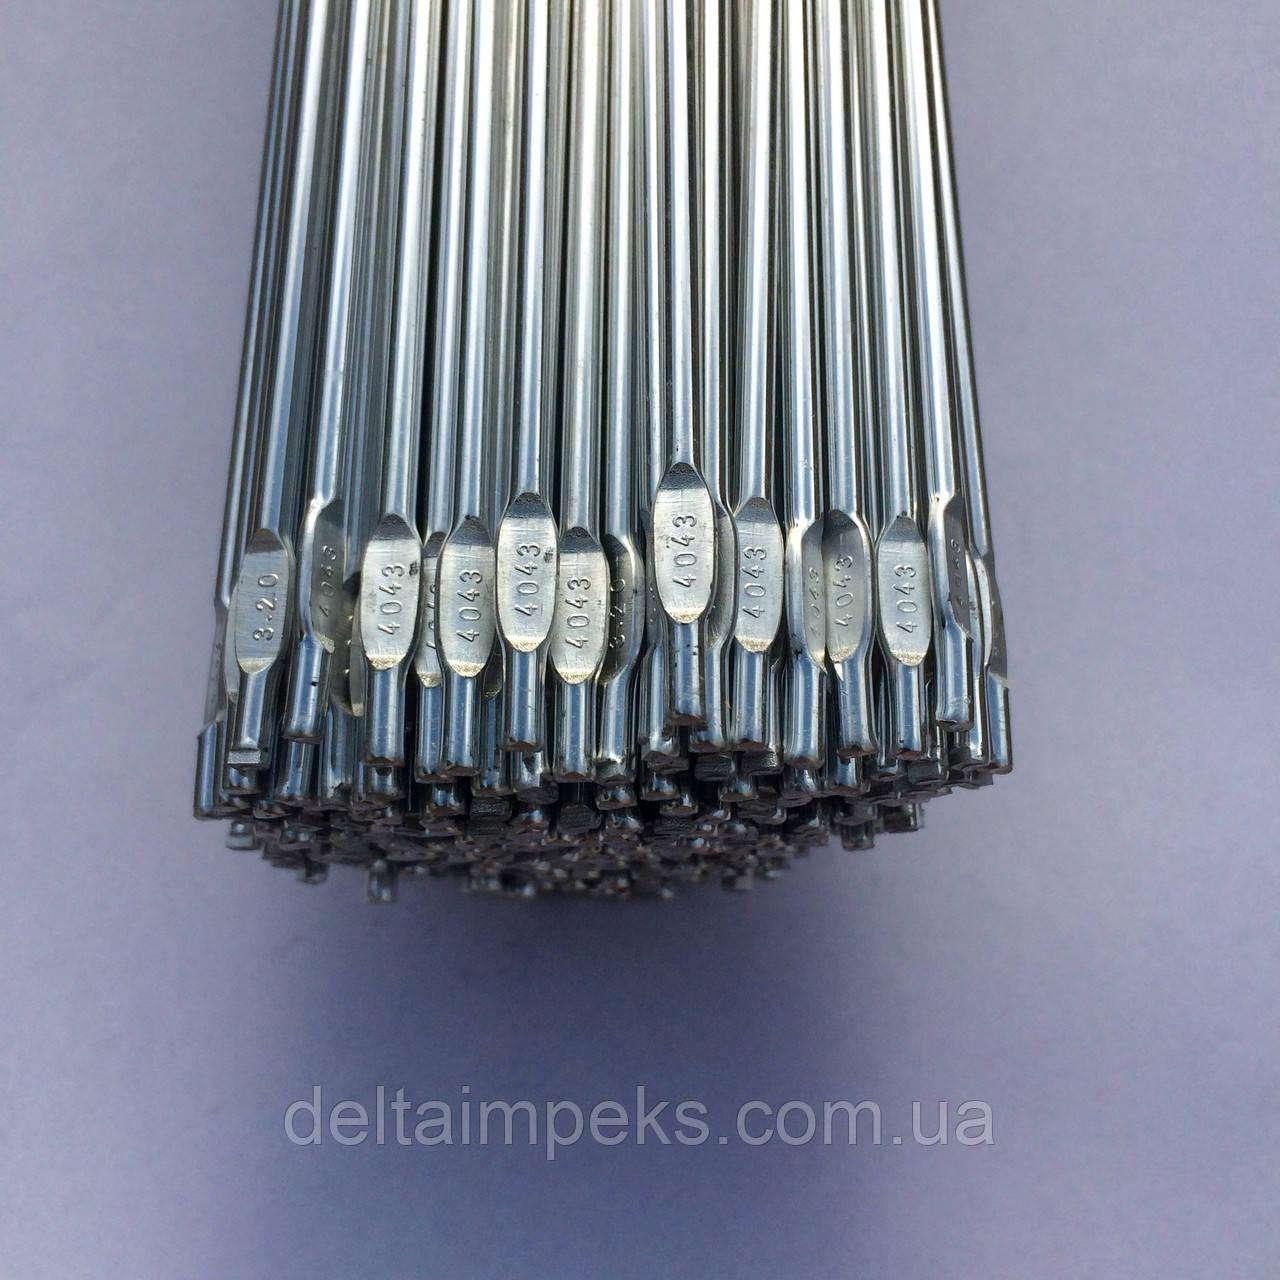 Пруток алюминиевый ER 4043 2,4мм